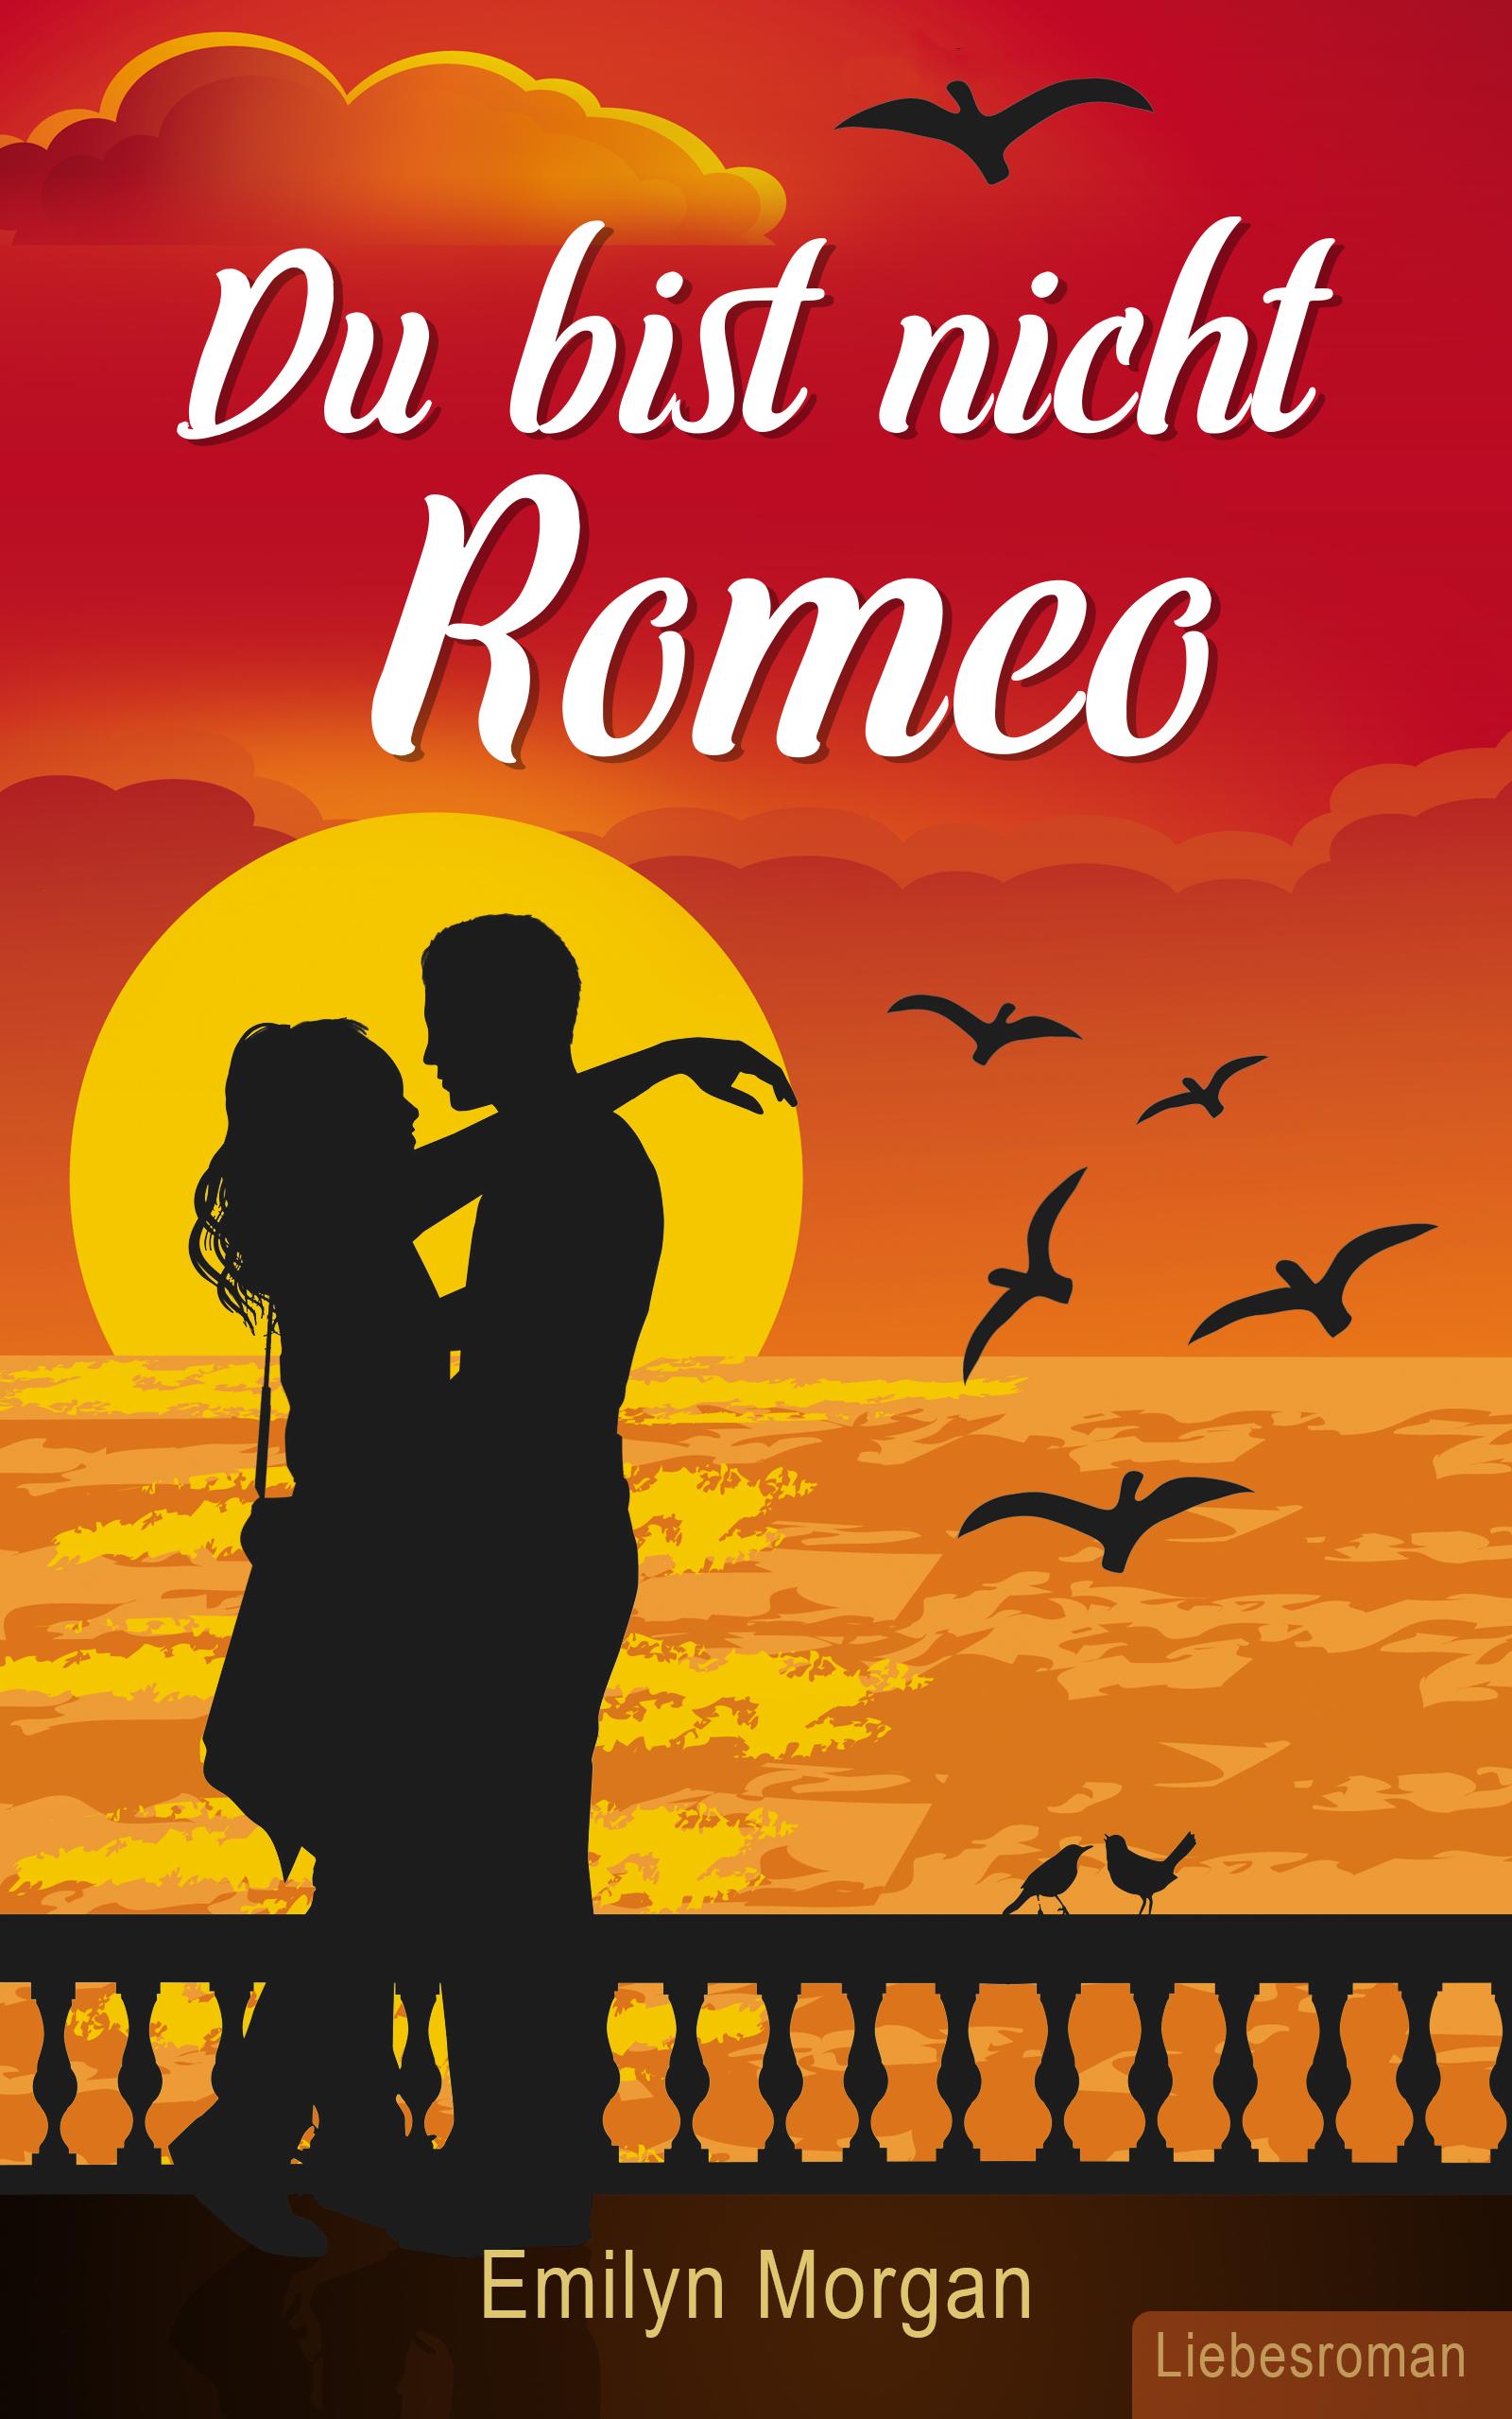 Emilyn Morgan – Du bist nicht Romeo